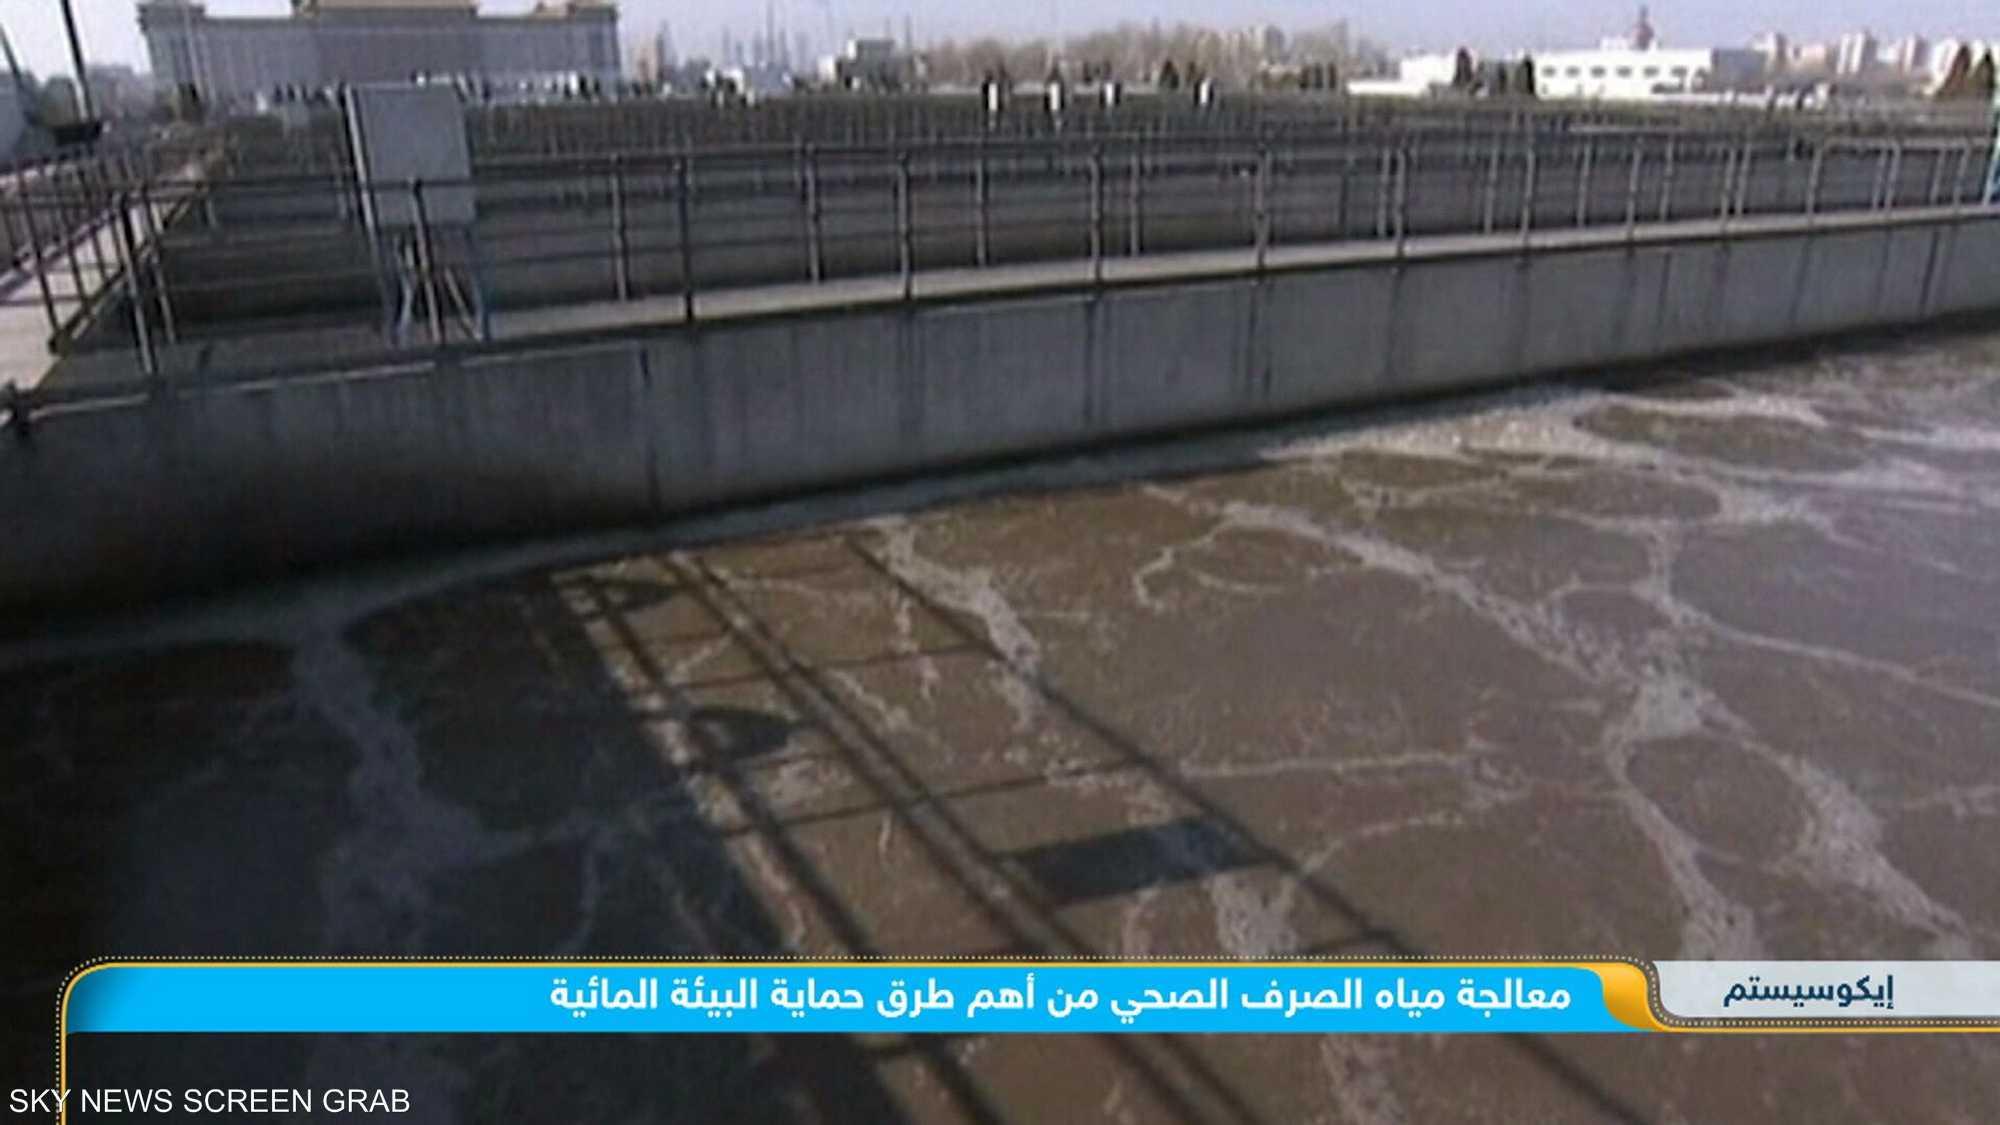 مياه الصرف الصحي وآلية معالجتها